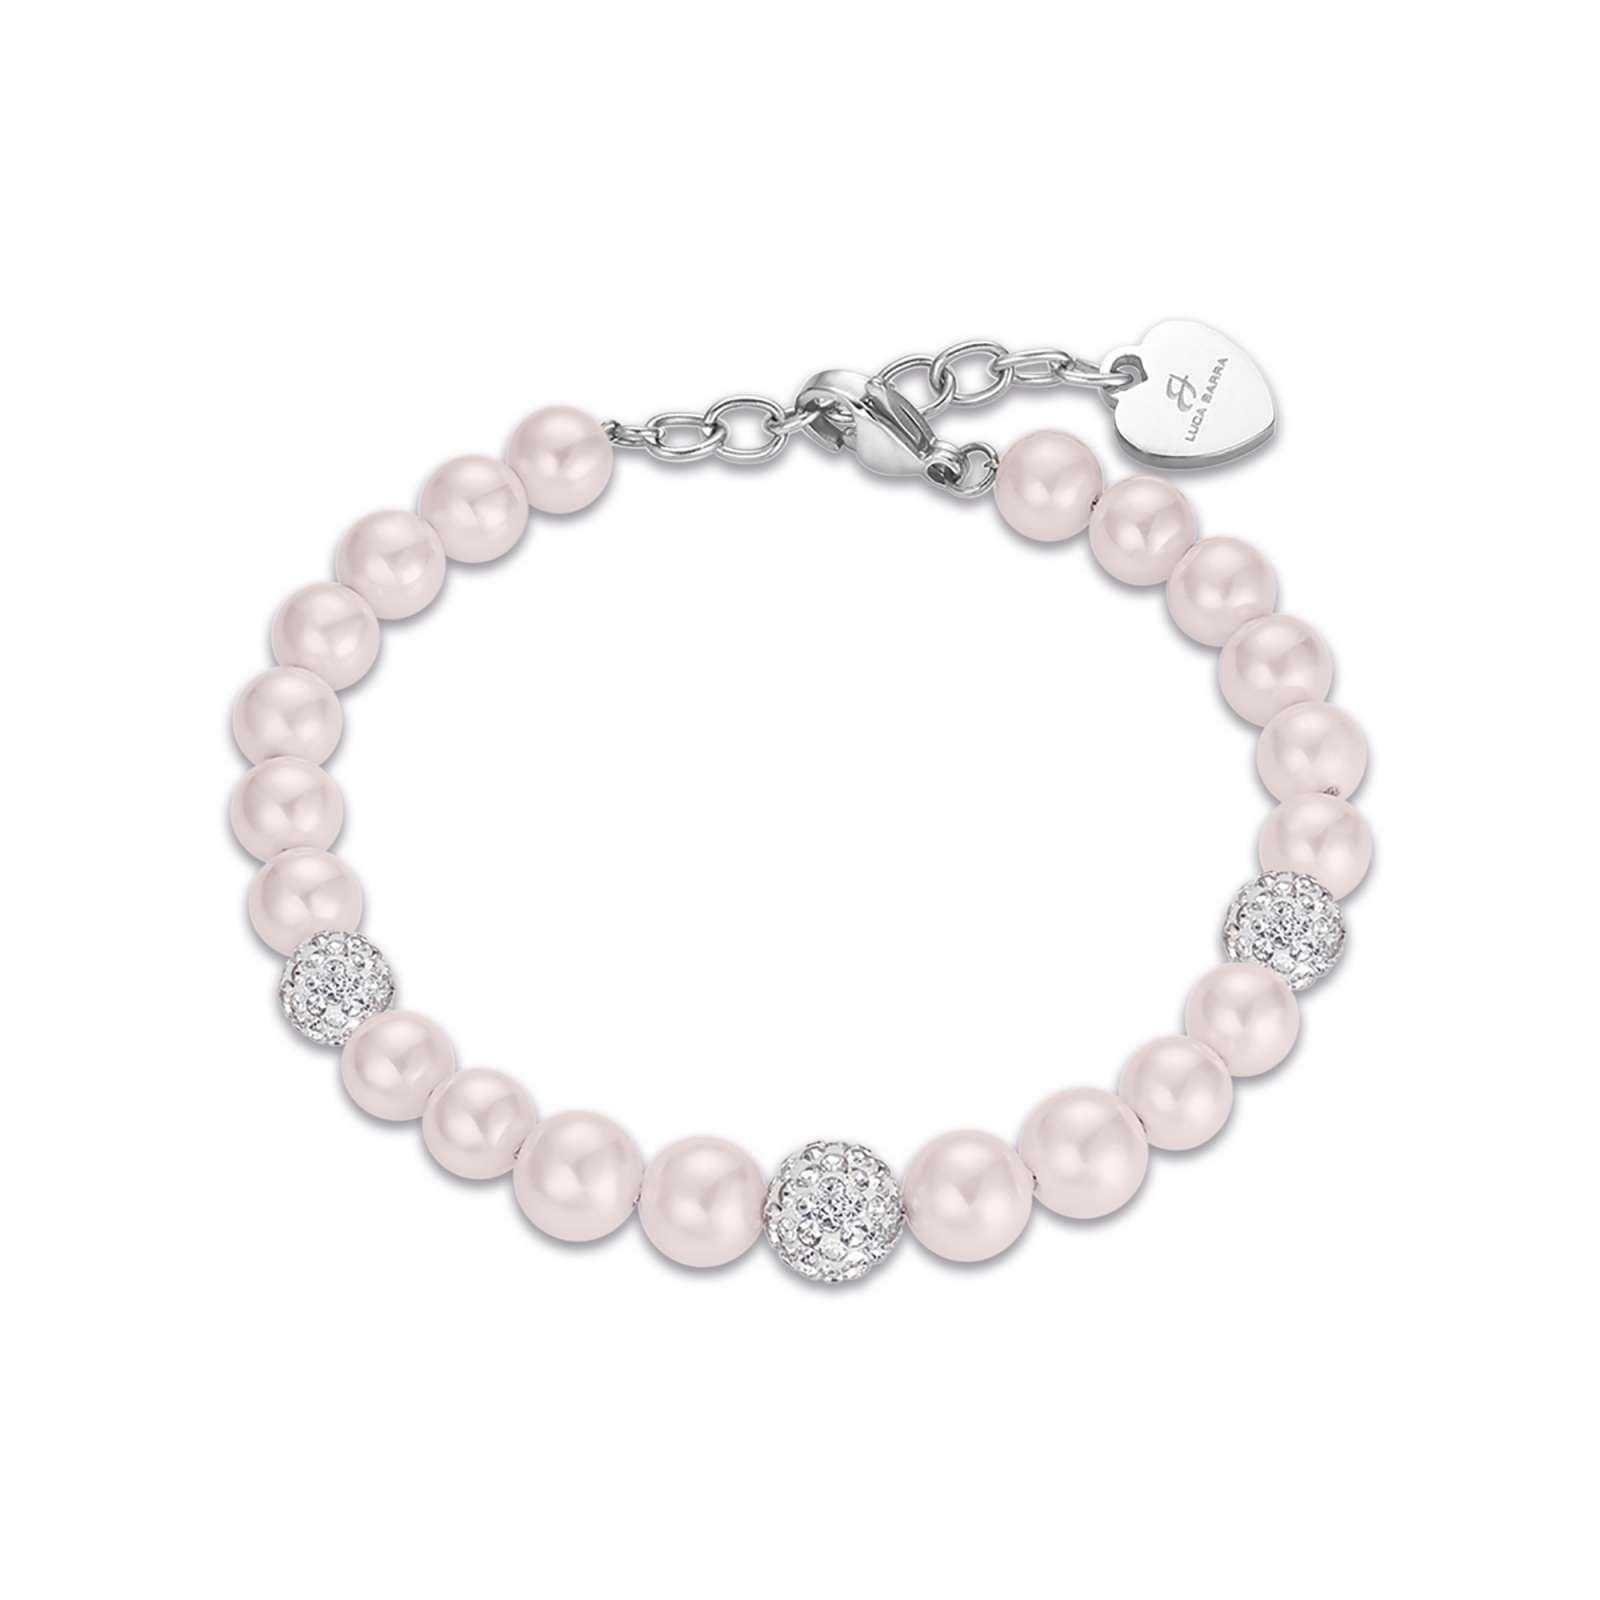 Luca Barra - Bracciale in acciaio con perle rosa e cristalli bianchi